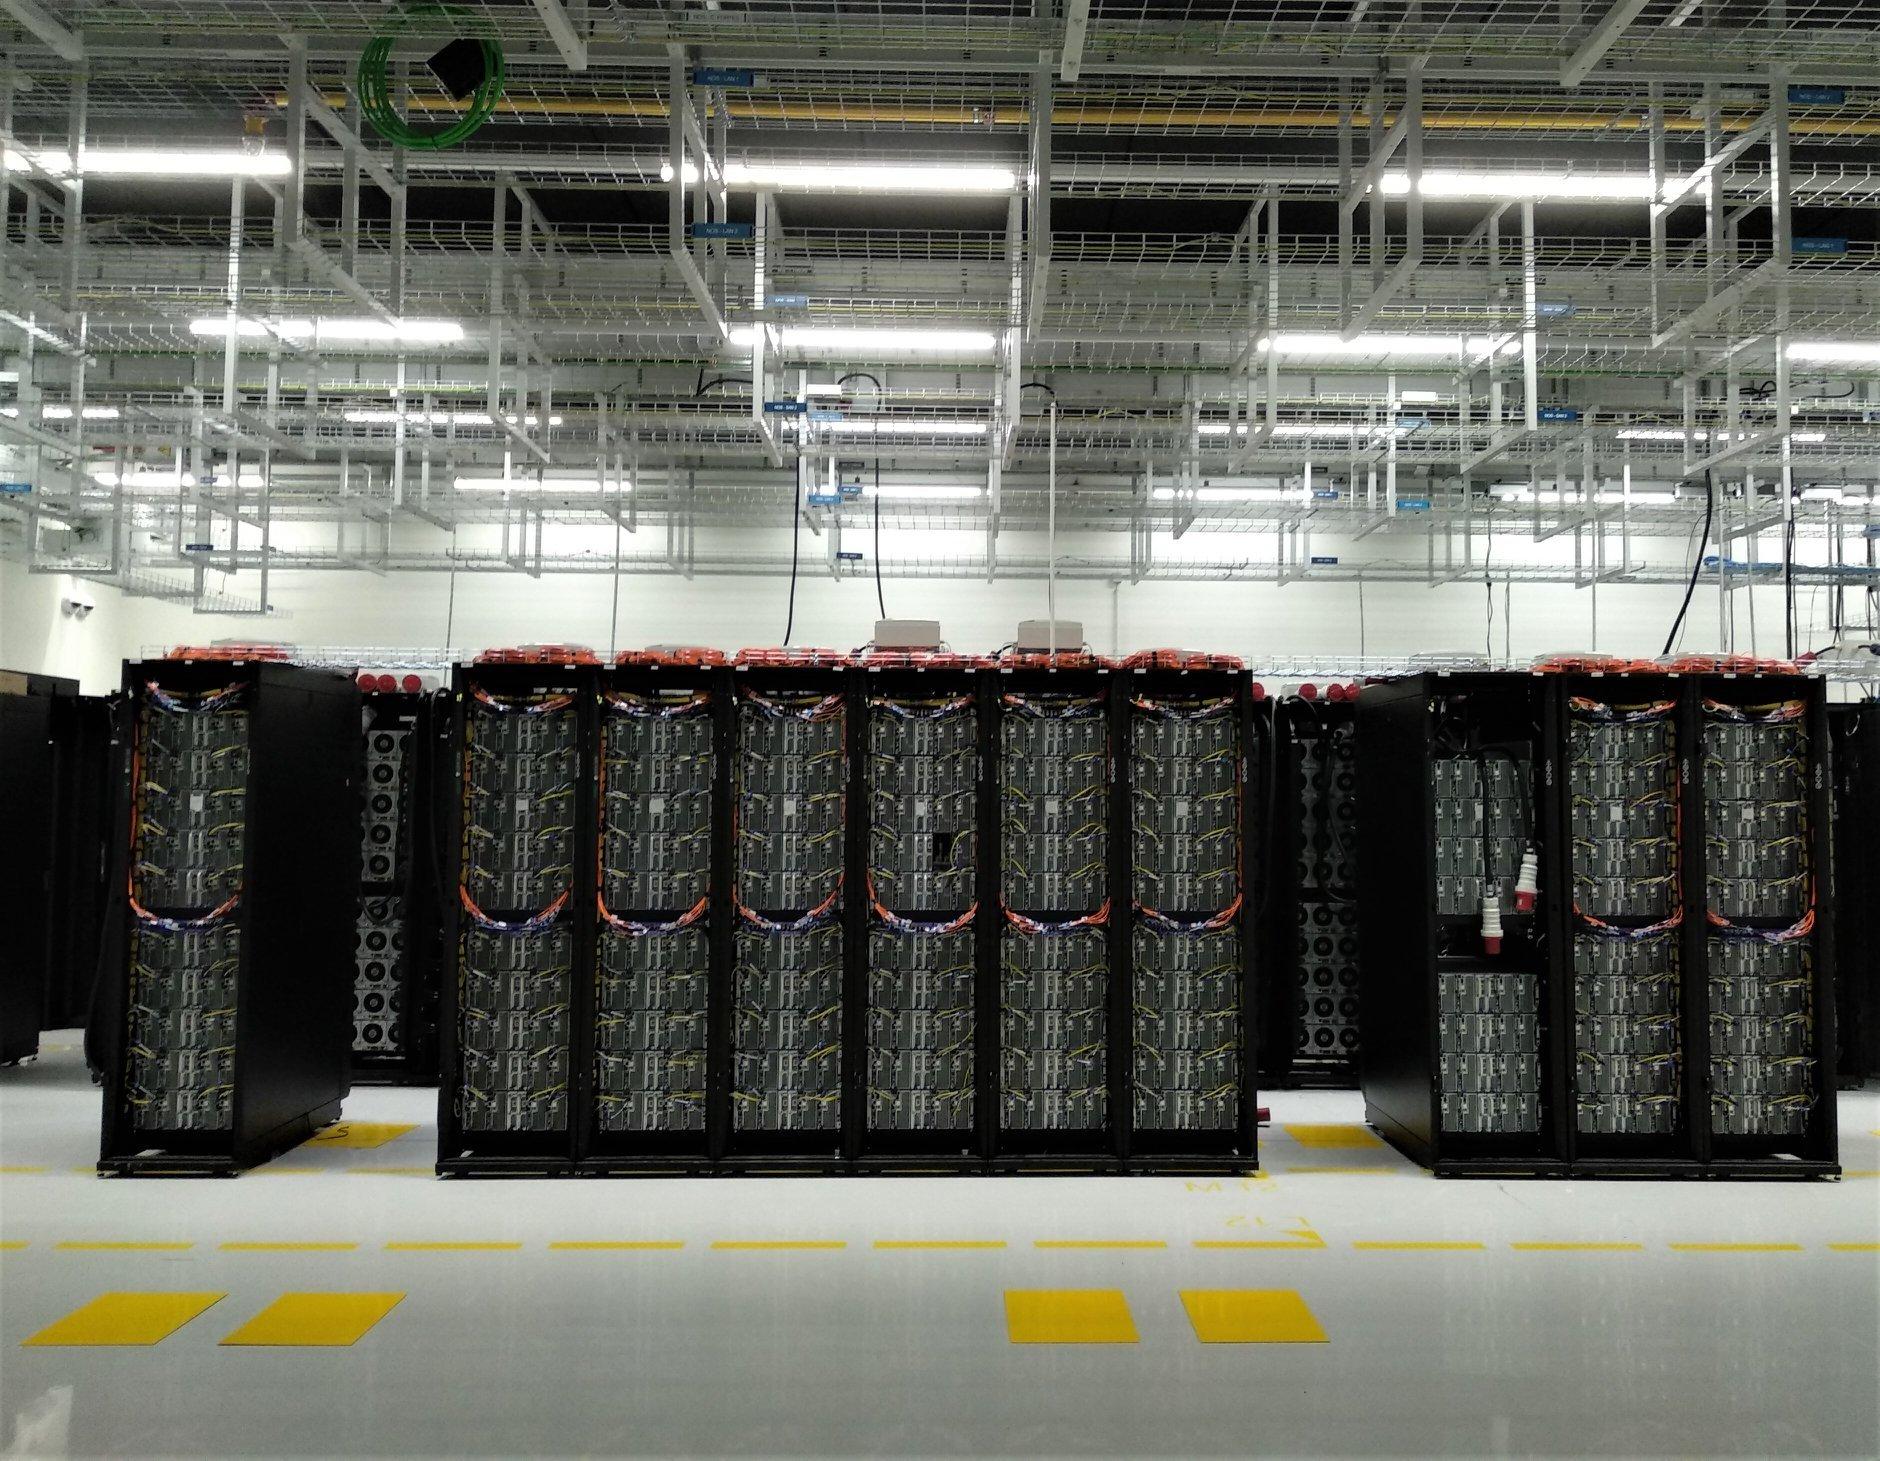 BOB supercomputador